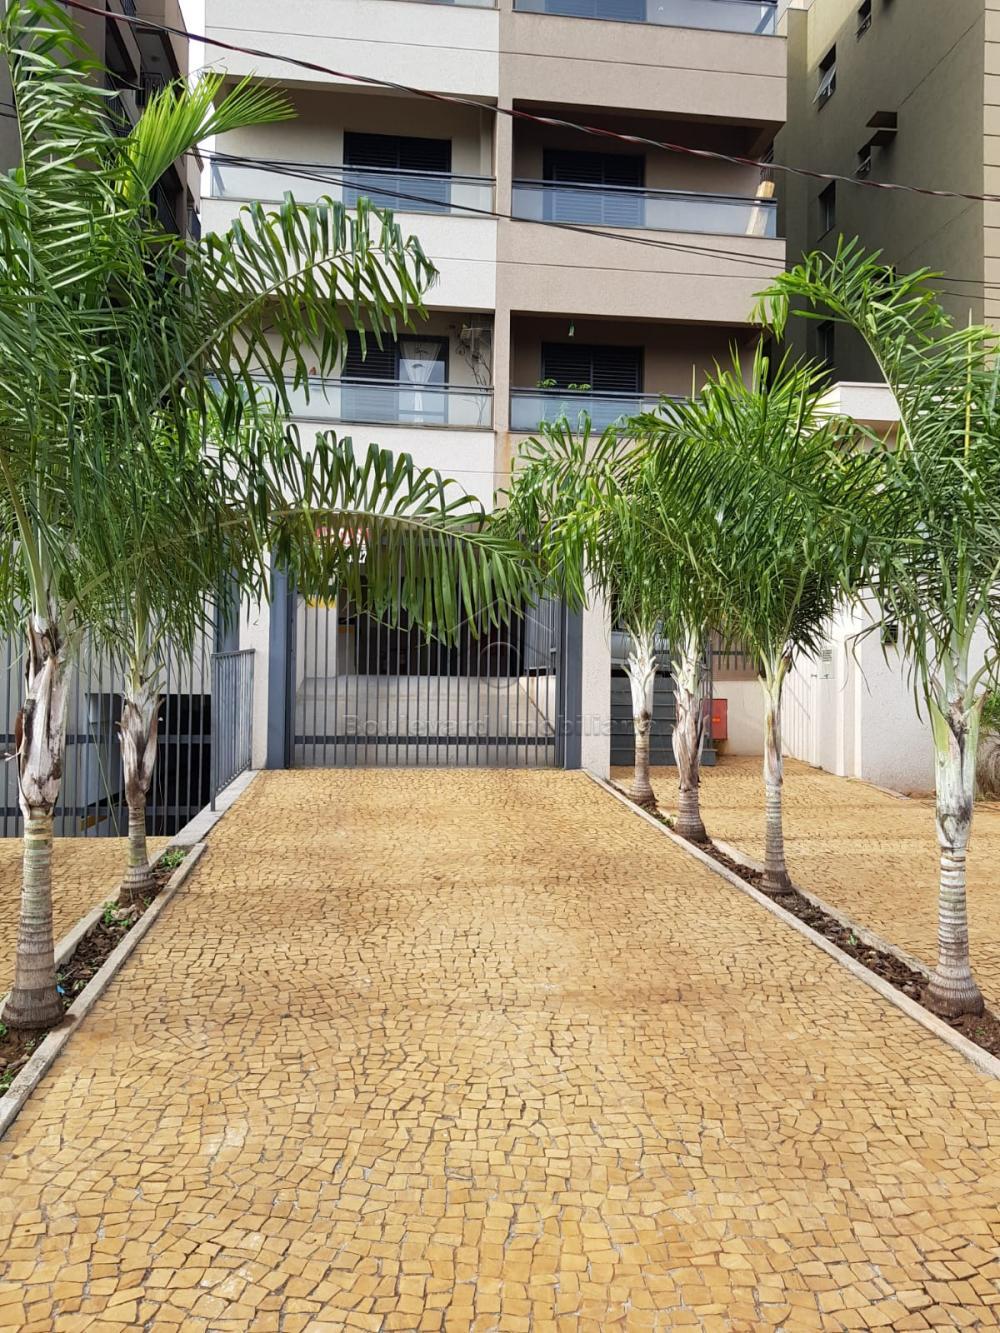 Comprar Apartamento / Padrão em Ribeirão Preto apenas R$ 200.000,00 - Foto 12